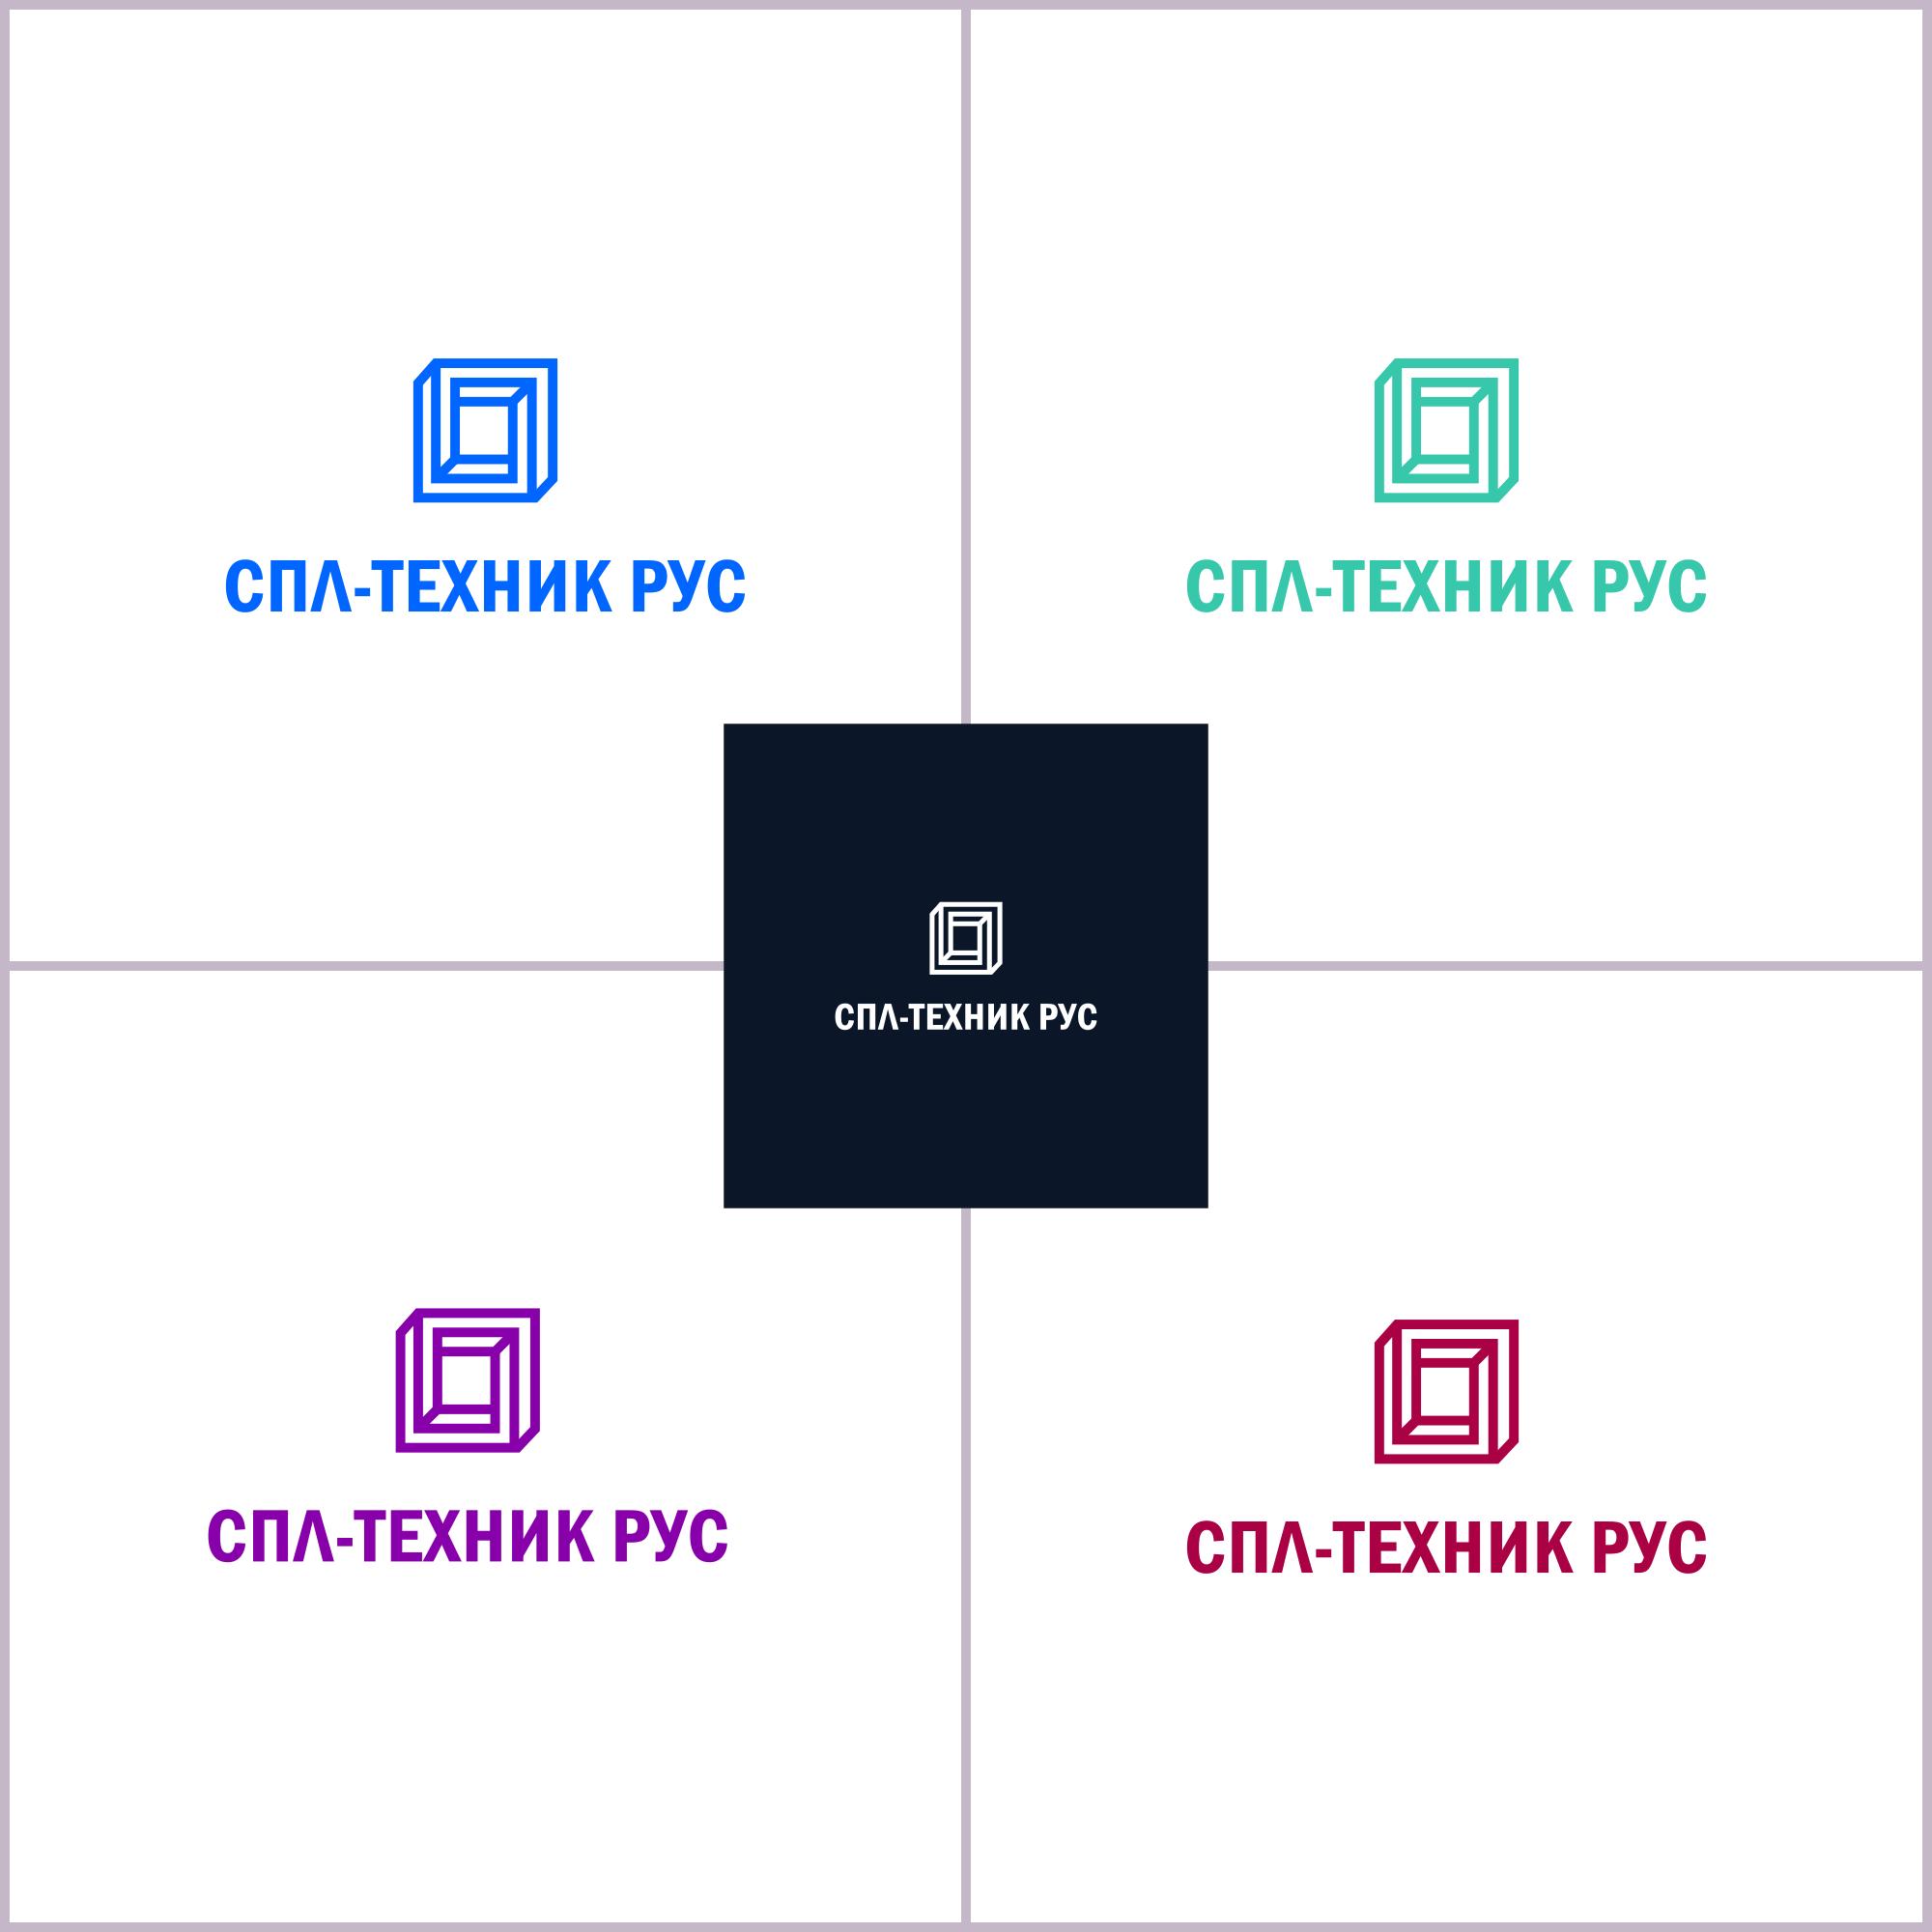 Разработка логотипа и фирменного стиля фото f_2345999af578047e.png